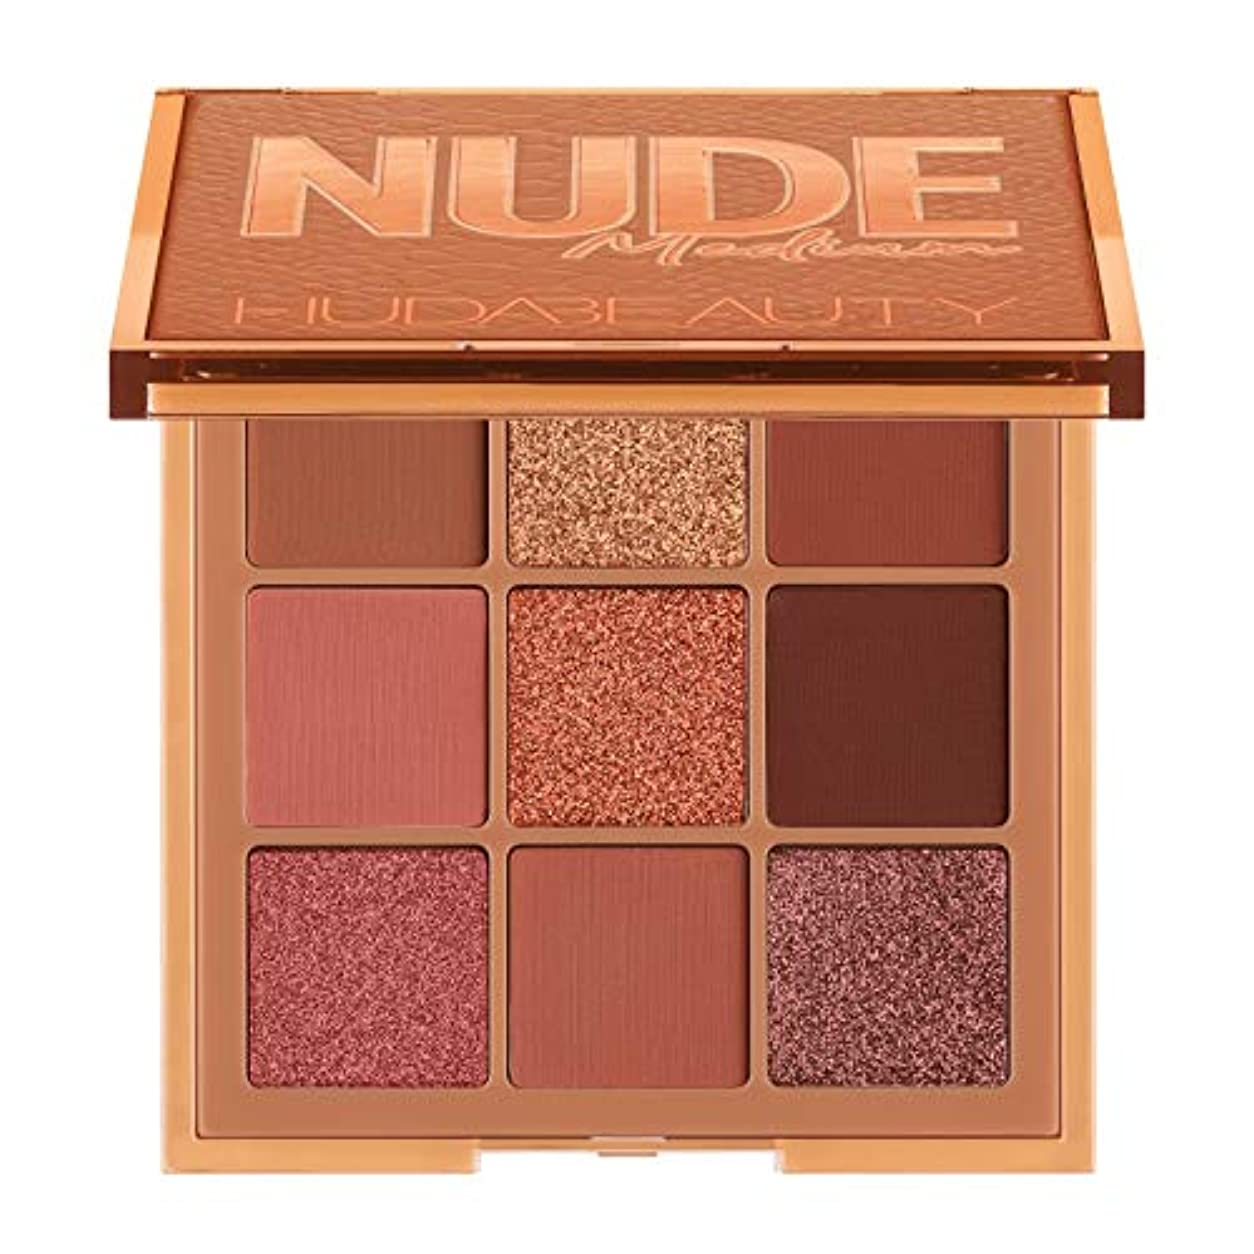 レール最初は中庭HUDA BEAUTY Nude Obsessions Eyeshadow Palette Nude Medium